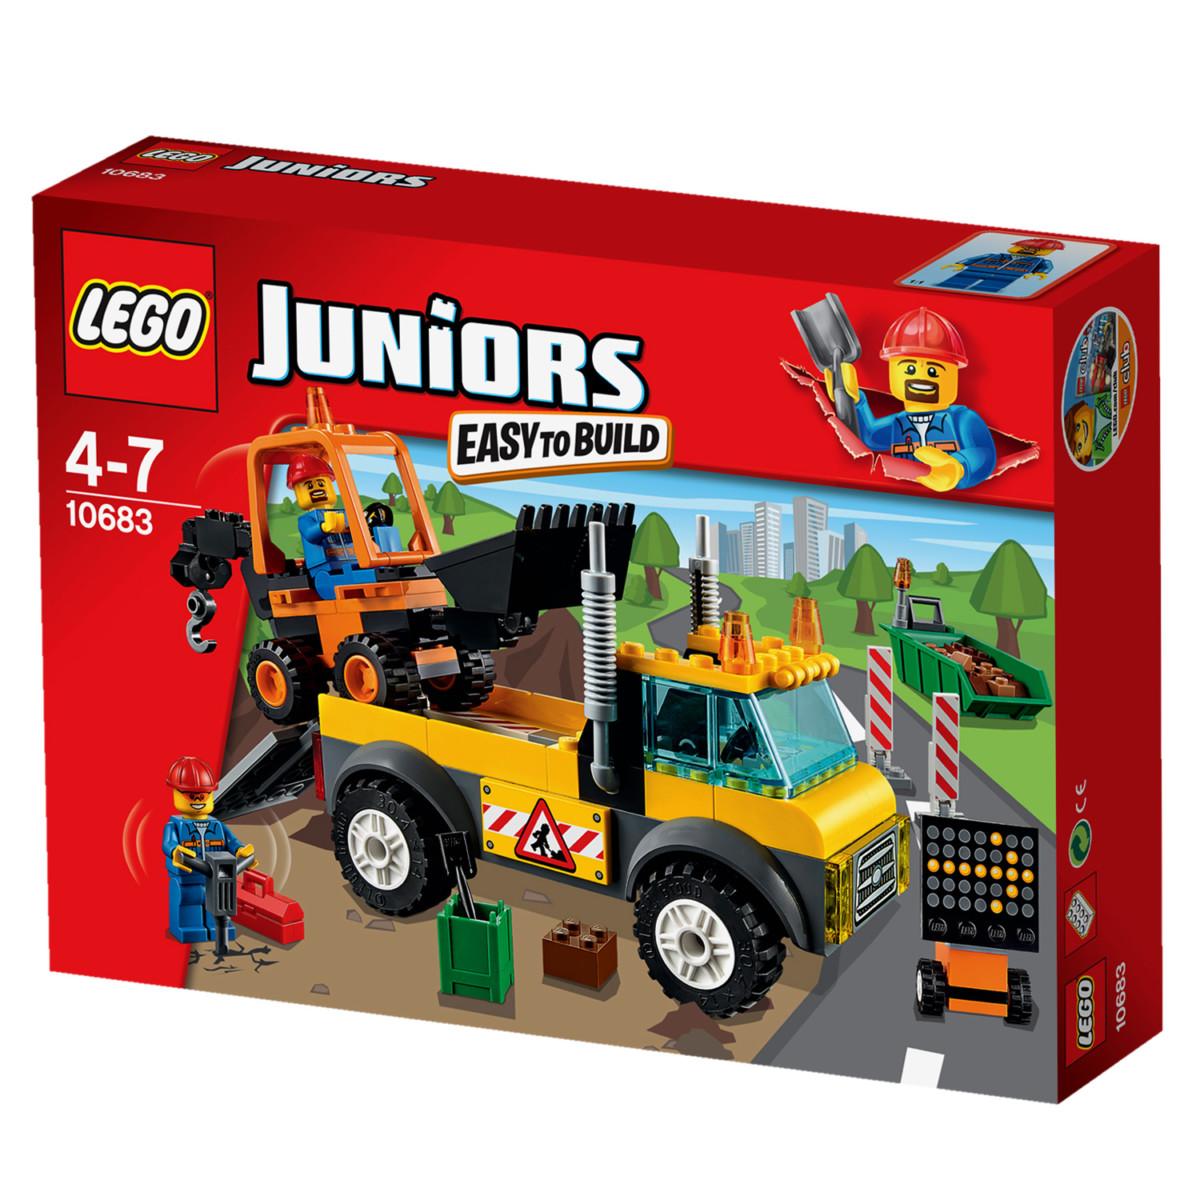 lego 10683 juniors le camion de chantier 18998 référence lego 10683